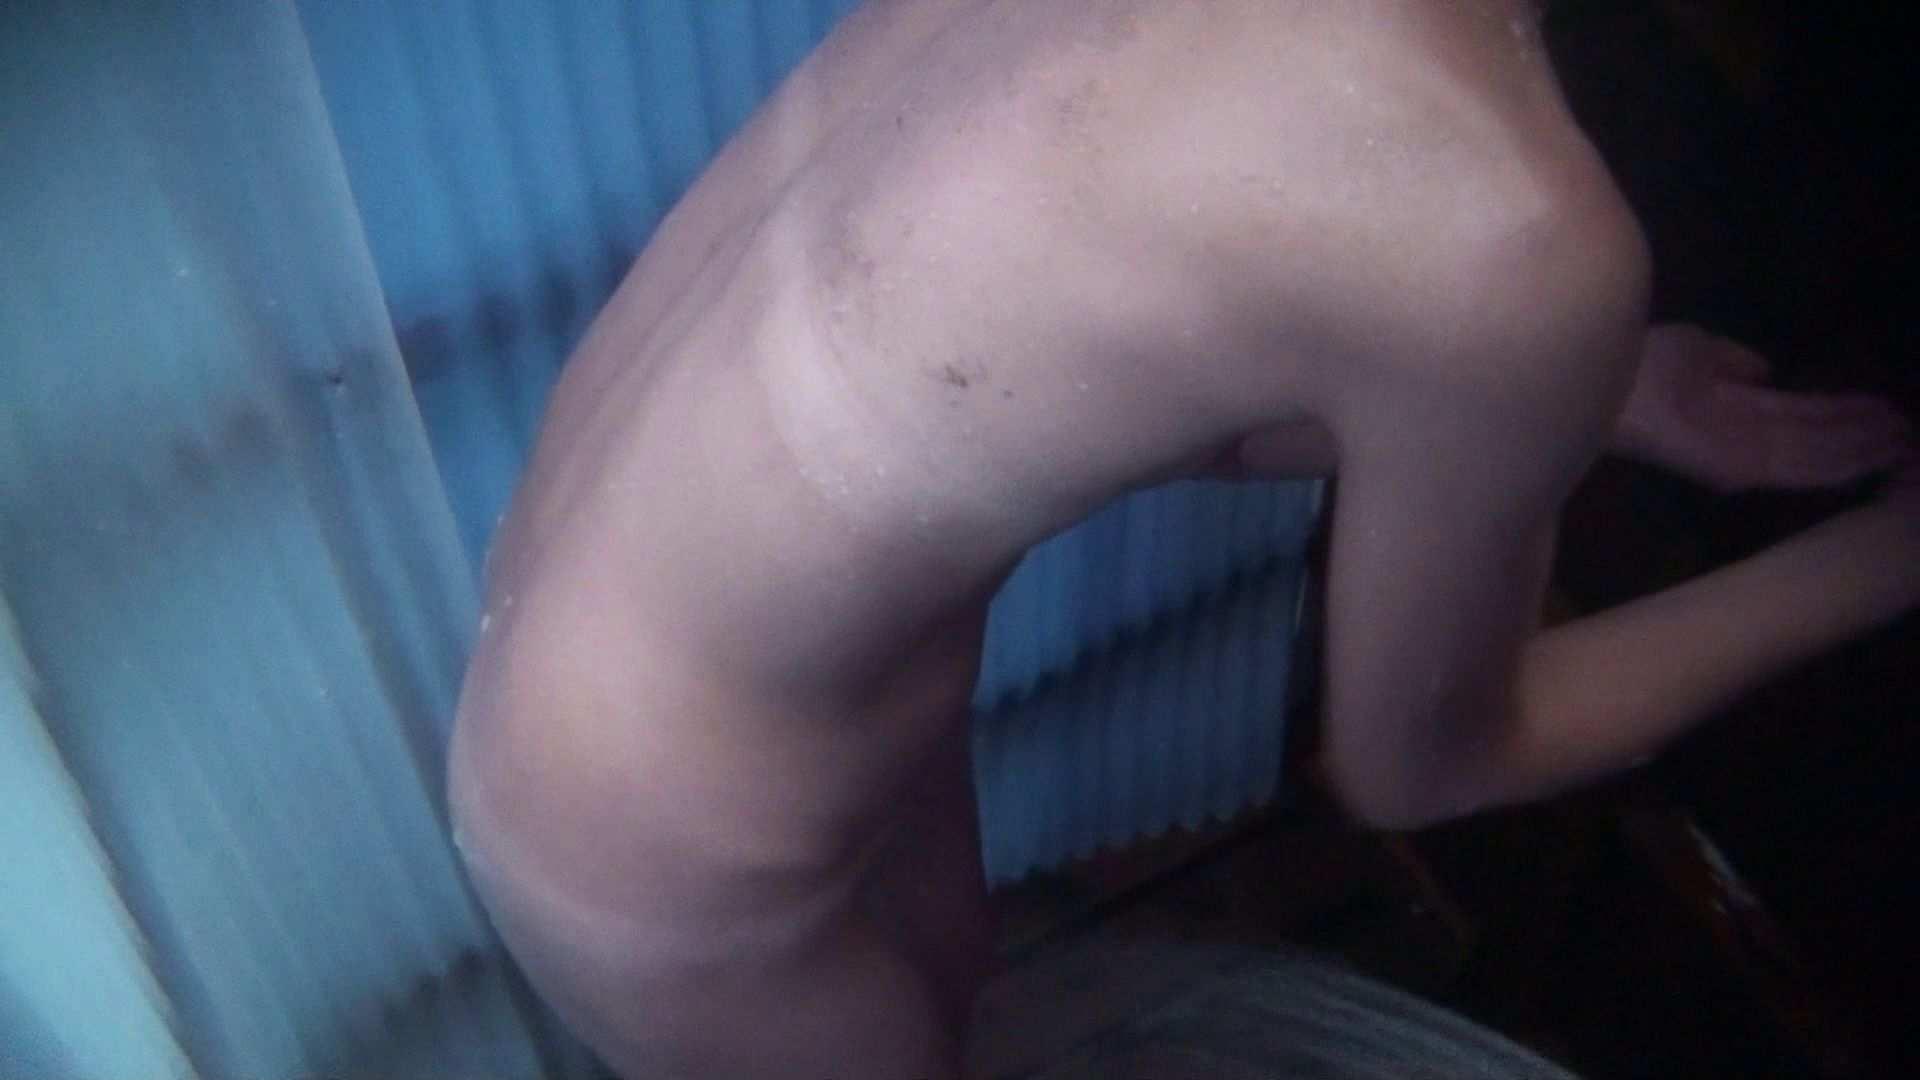 シャワールームは超!!危険な香りVol.22 オッパイに盛りが欲しい貧乳美女 高画質  82pic 40